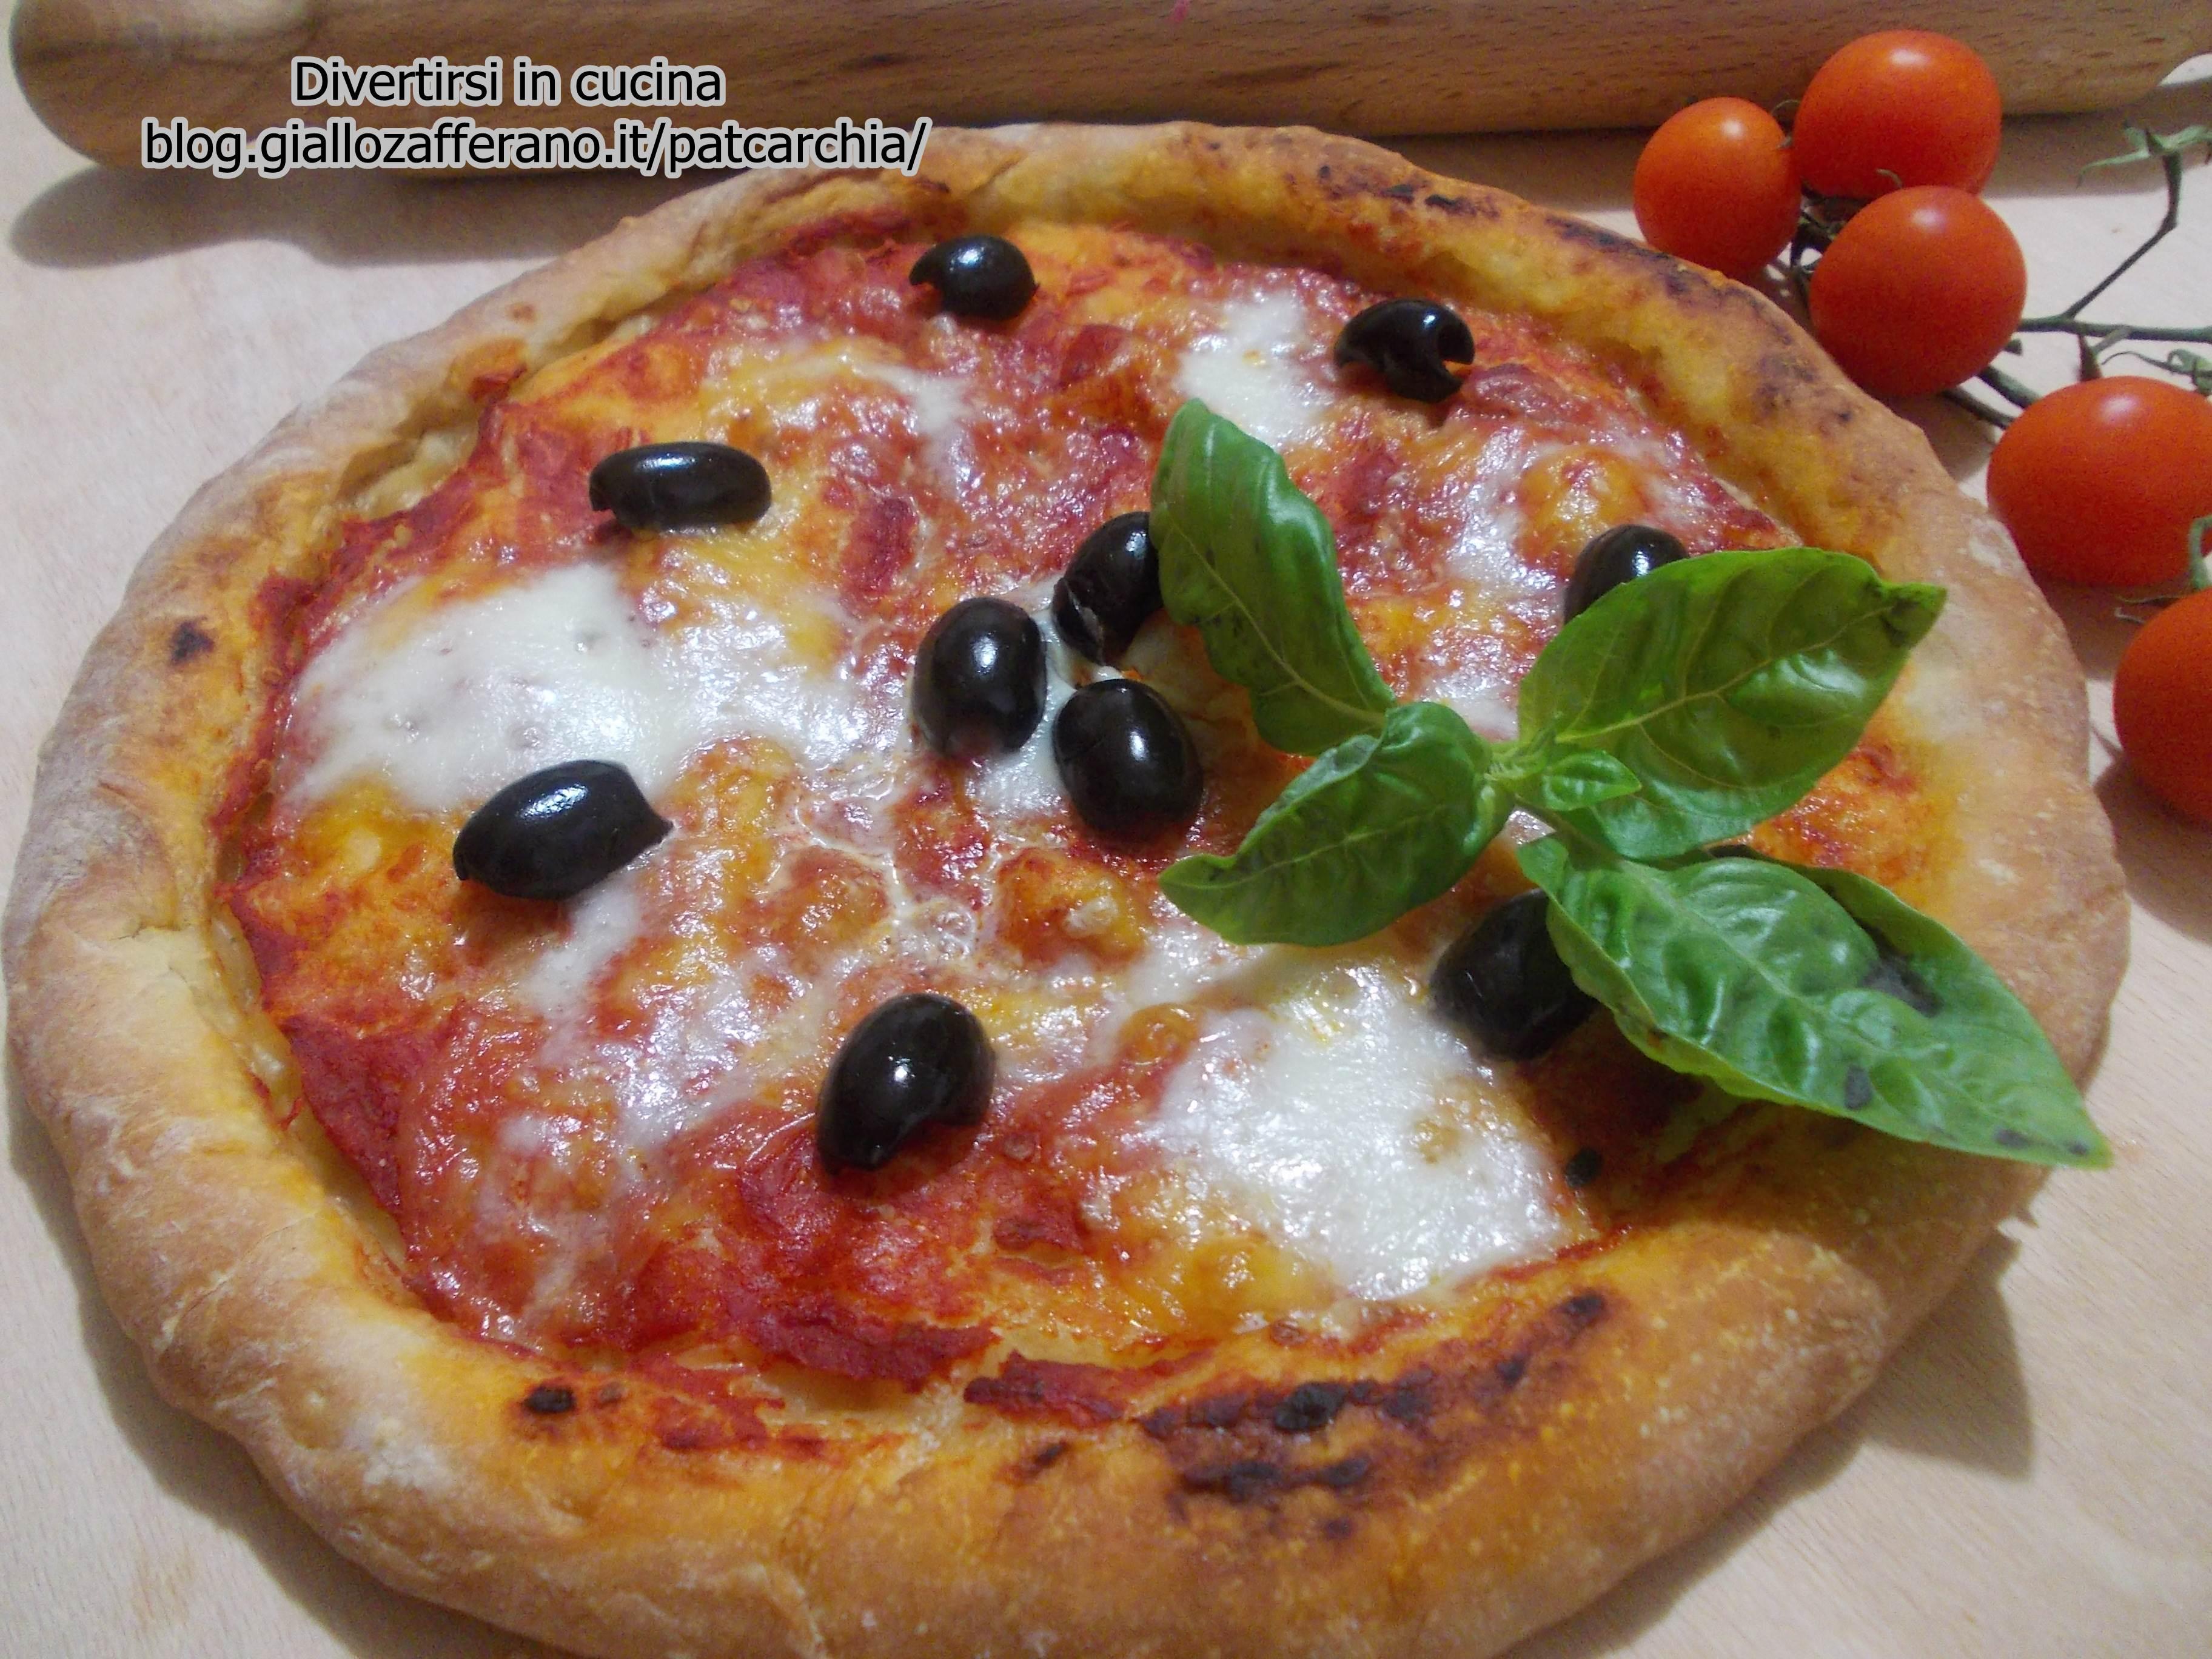 Pizza napoletana ricetta base facile divertirsi in cucina - Cucina giallo zafferano ...